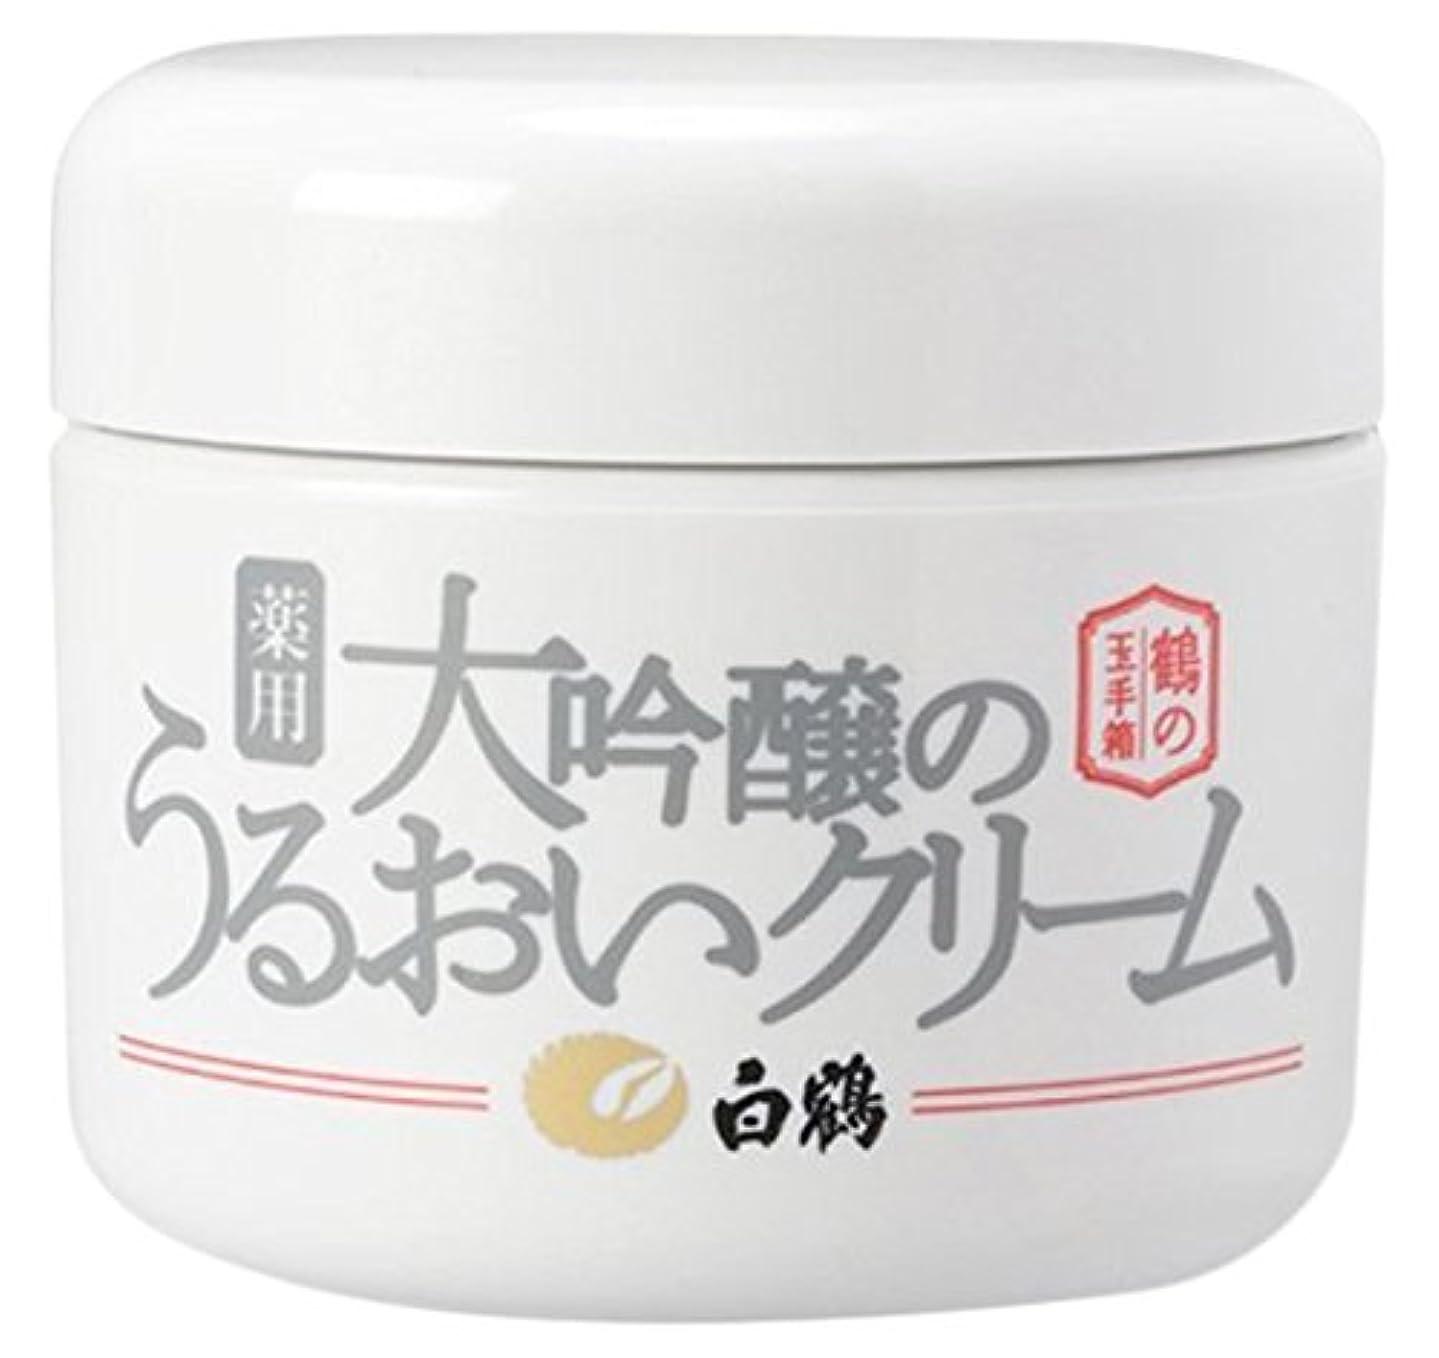 誇張するゴールド気球白鶴 鶴の玉手箱 薬用 大吟醸のうるおいクリーム 90g